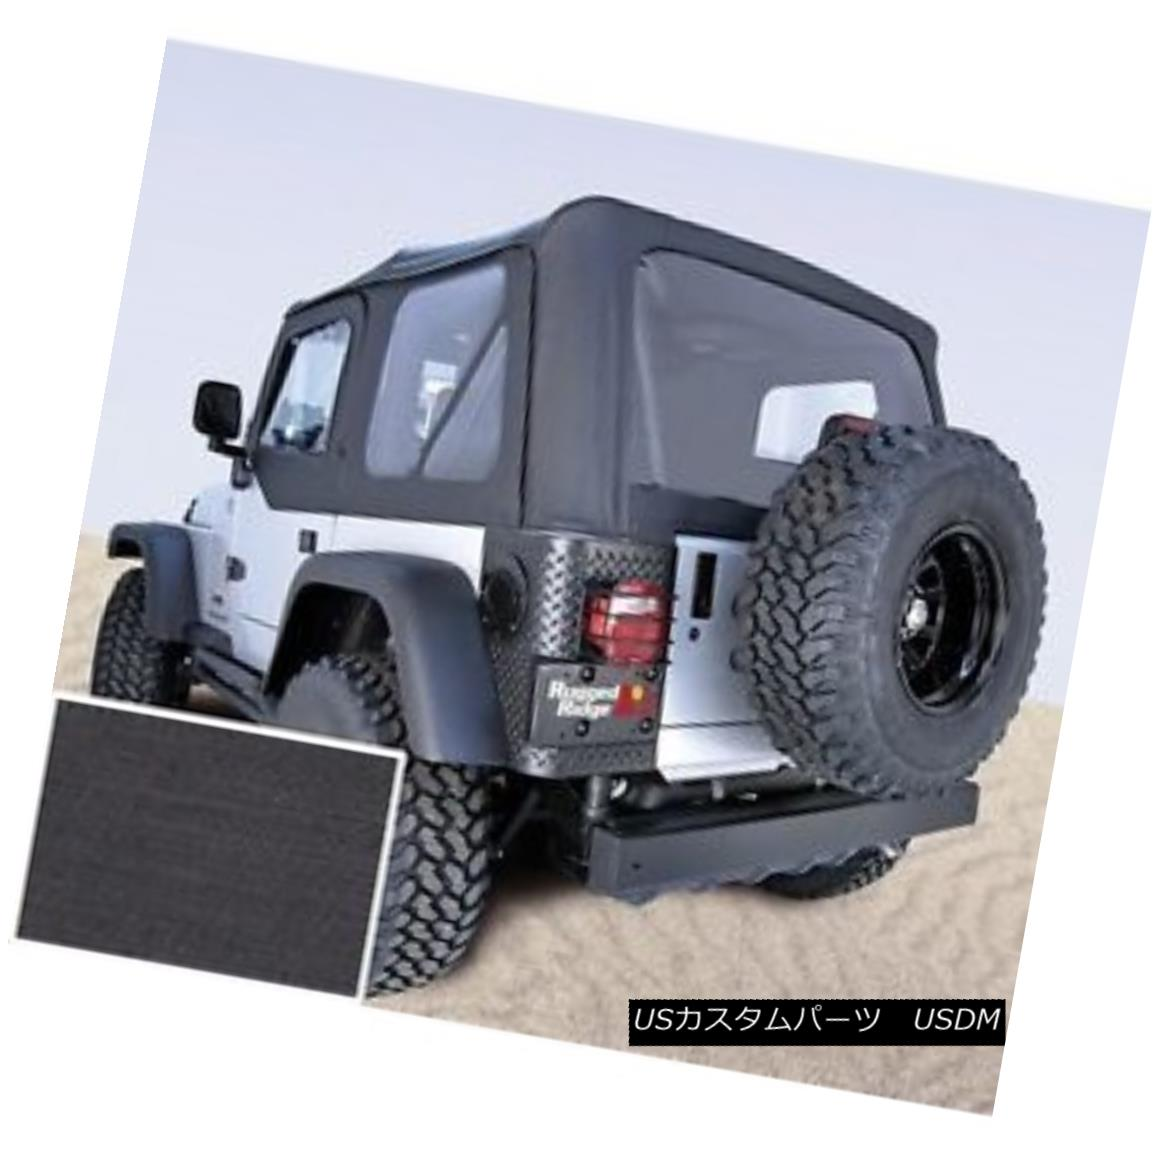 幌・ソフトトップ XHD Replacement Black Denim Soft Top Jeep Wrangler TJ 1997-2006 13723.15 XHD交換ブラックデニムソフトトップジープラングラーTJ 1997-2006 13723.15